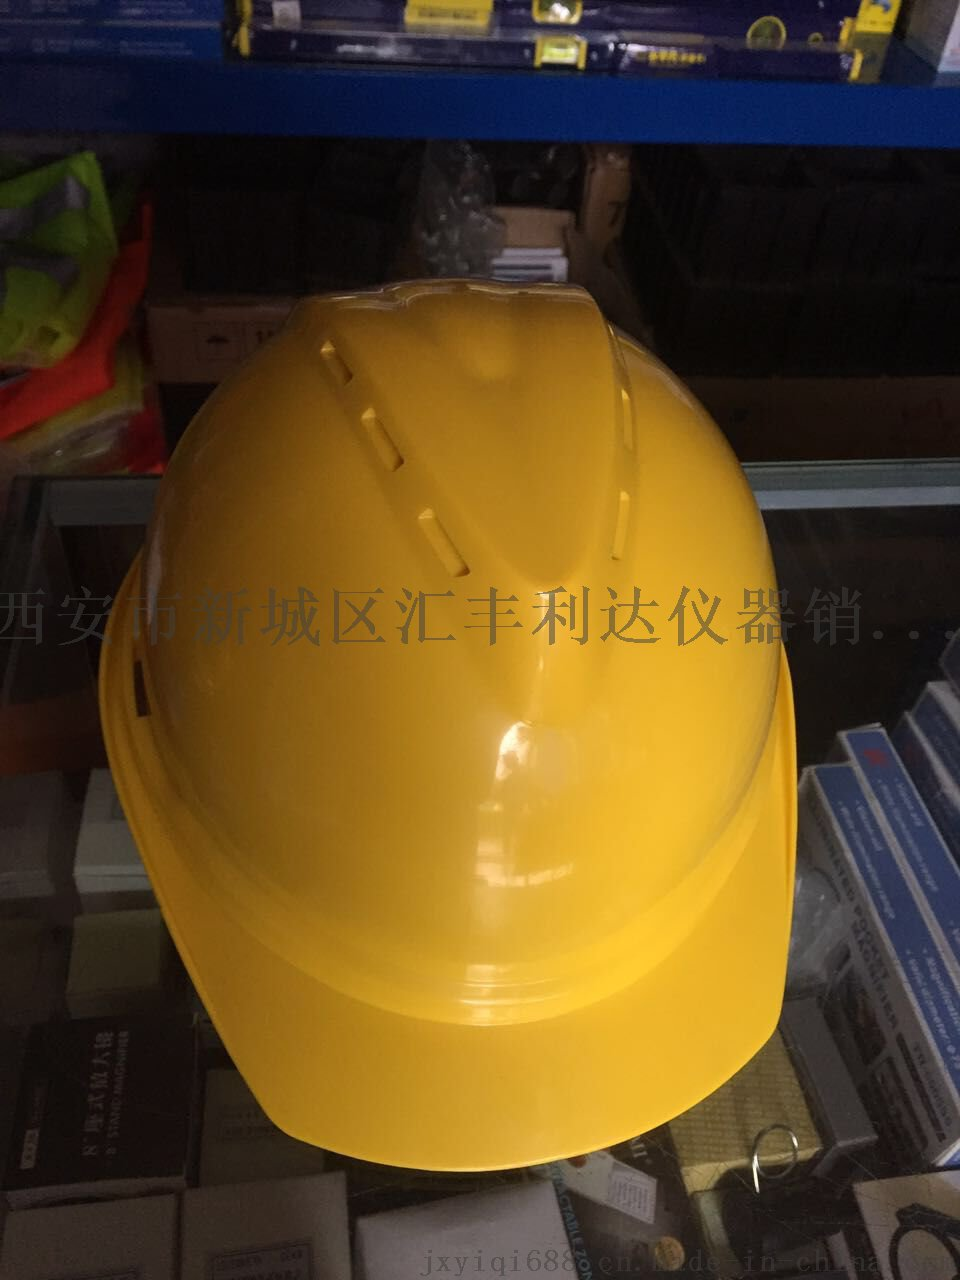 供應西安安全帽特價批發189,9281,255841735202